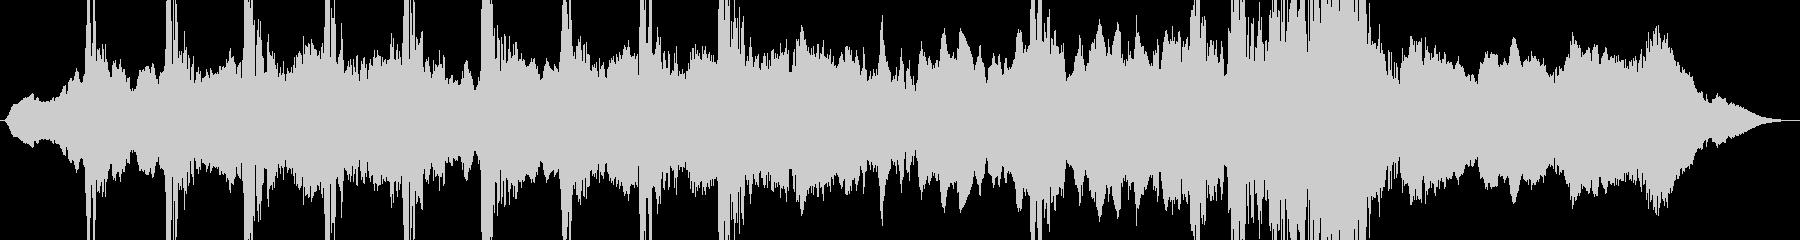 ストリングスで表現したミステリアスな迷宮の未再生の波形